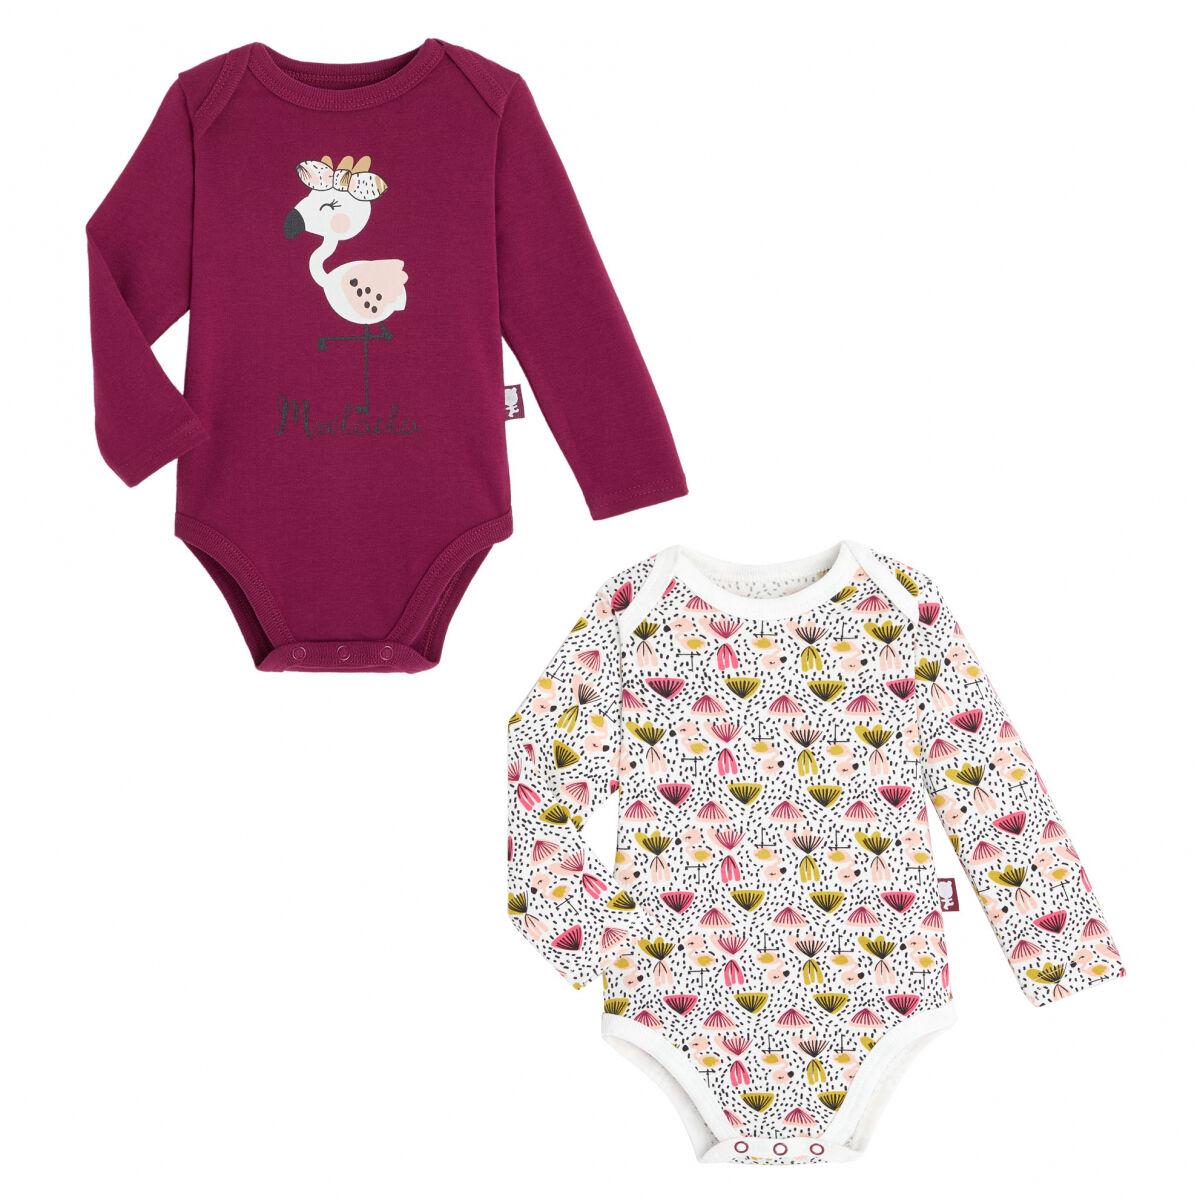 Petit Béguin Lot de 2 bodies bébé fille manches longues contenant du coton bio Muchacha - Taille - 3 mois